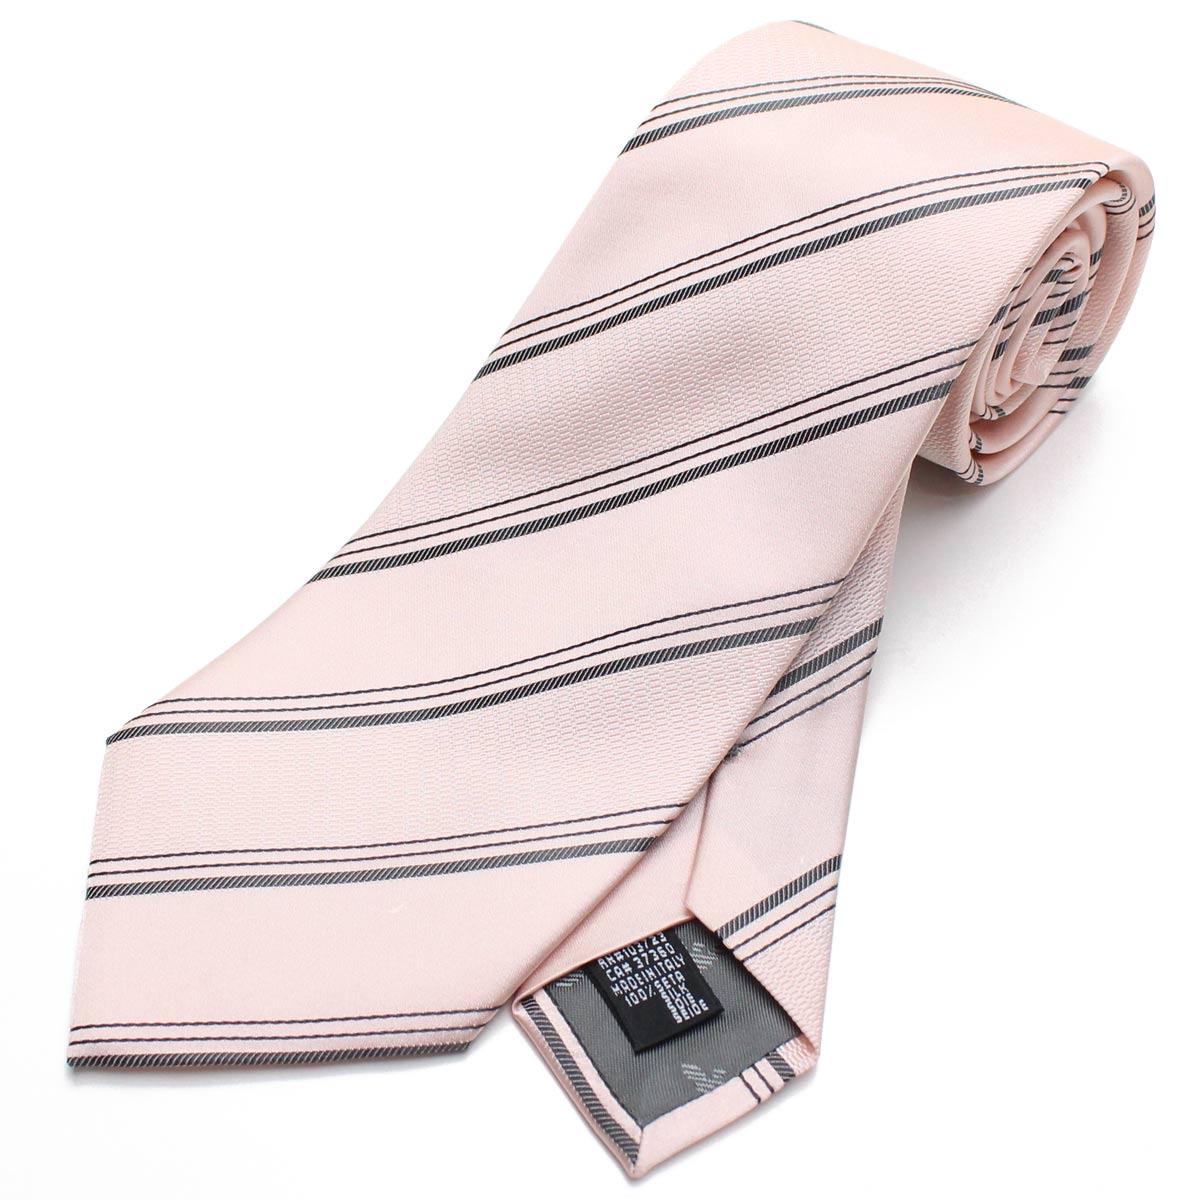 エンポリオ アルマーニ EMPORIO ARMANI ストライプ シルク ネクタイ レギュラータイ 340182 8A401 00070 PINK ピンク系 メンズ